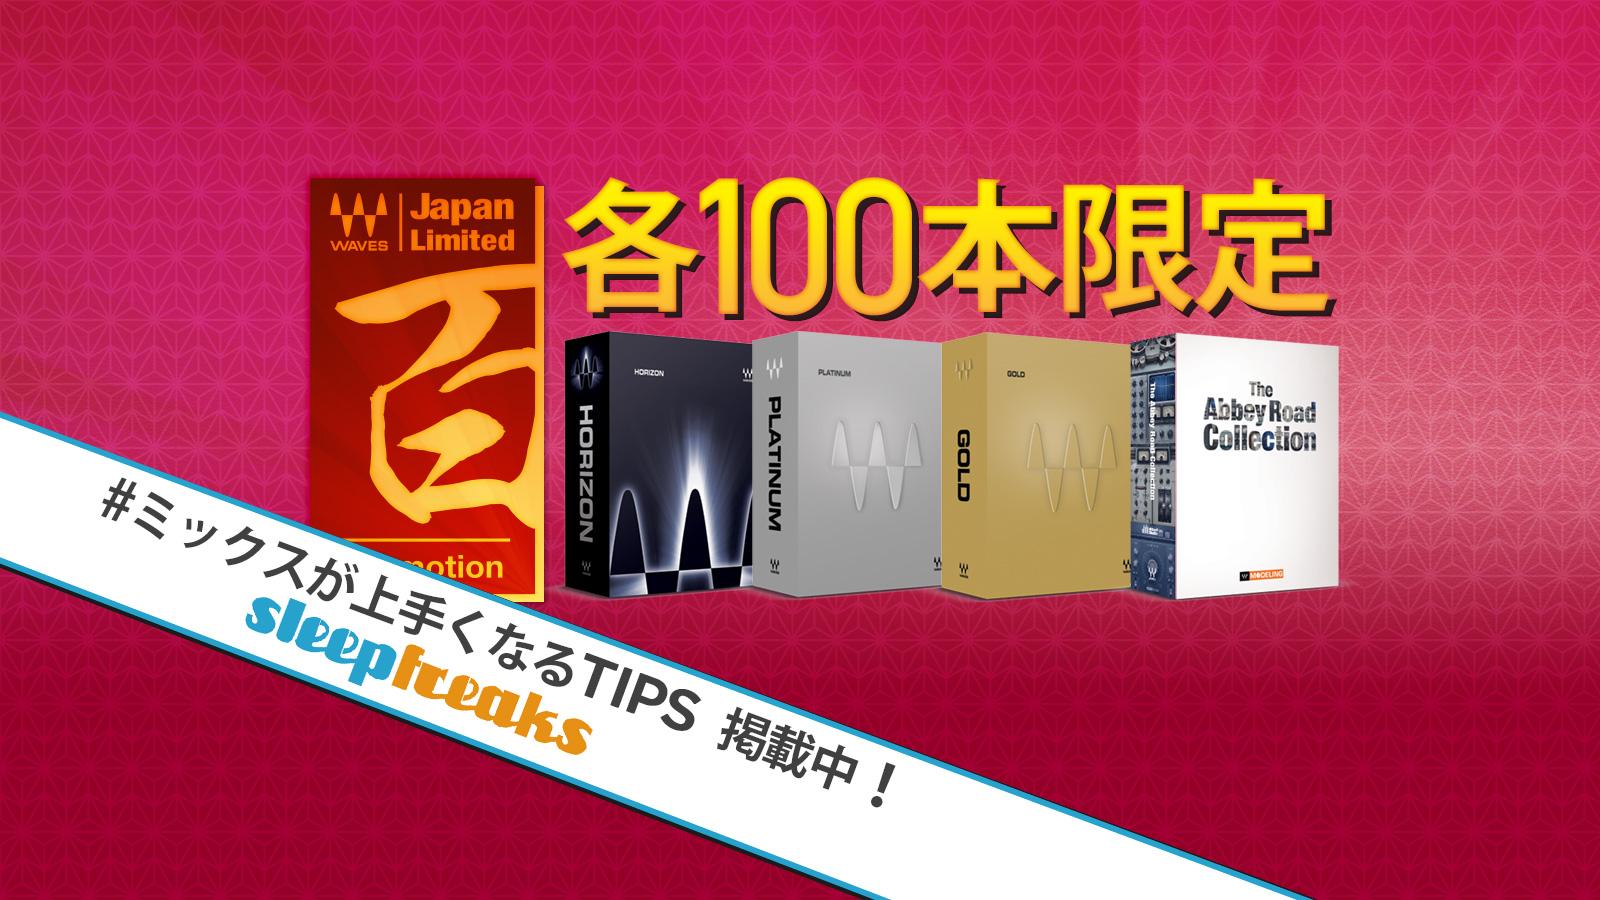 数量限定!Waves Japan Limited 「限定:100」 Promotion